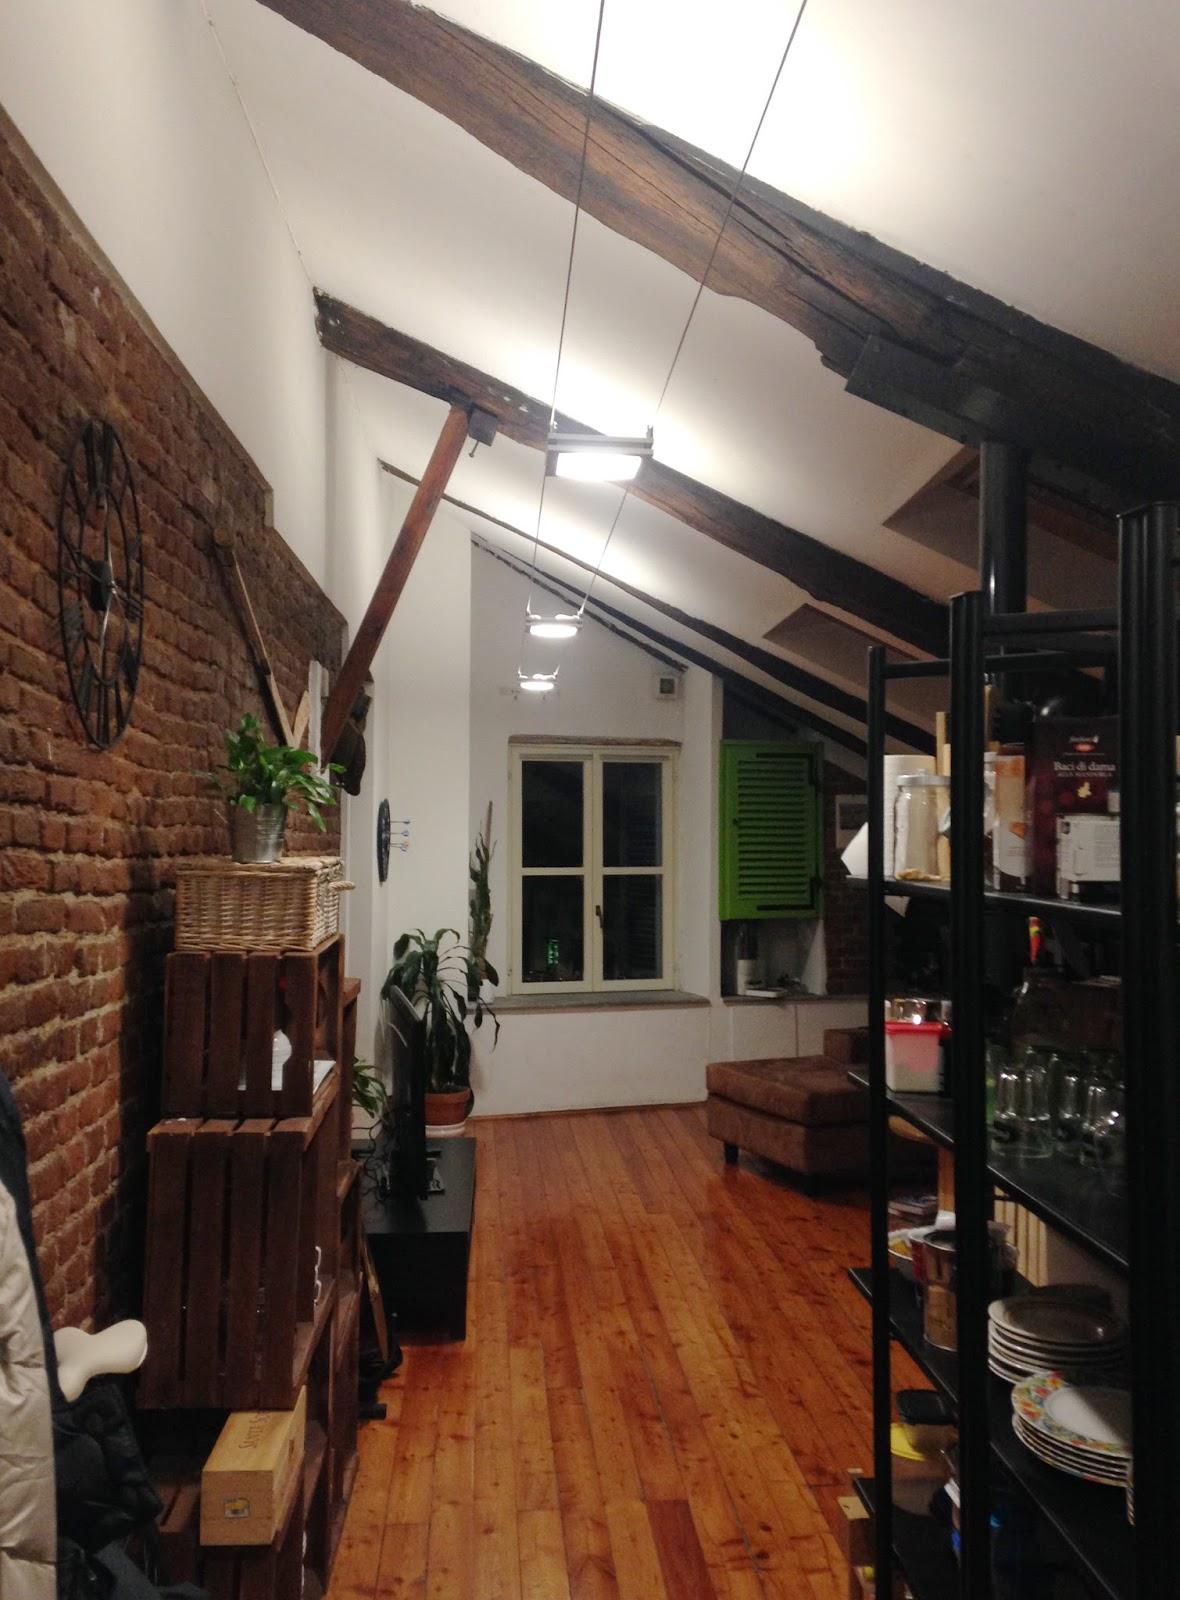 Illuminazione Led casa: Relamping LED – Dare nuova luce LED ad apparecchi tradizionali